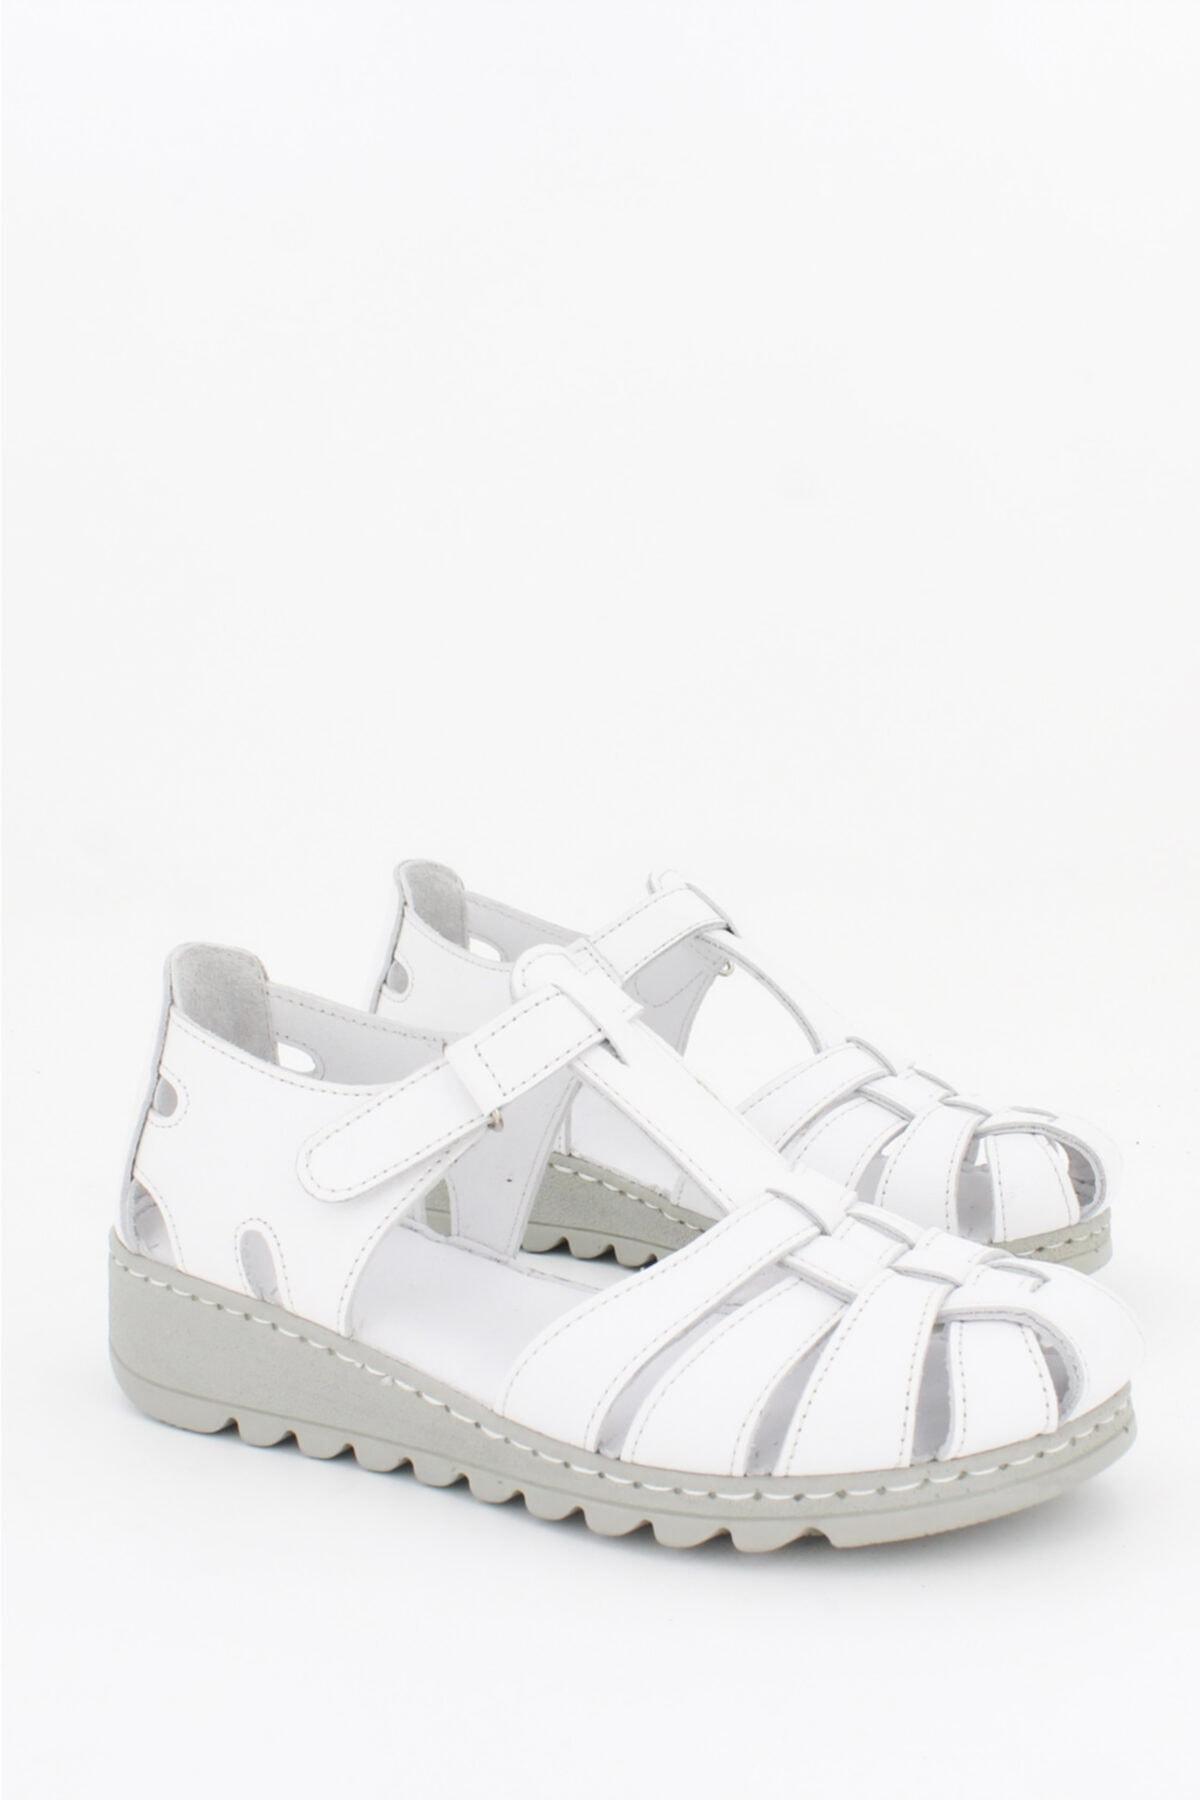 Deripabuc Hakiki Deri Beyaz Kadın Deri Sandalet CRZ-0546 1